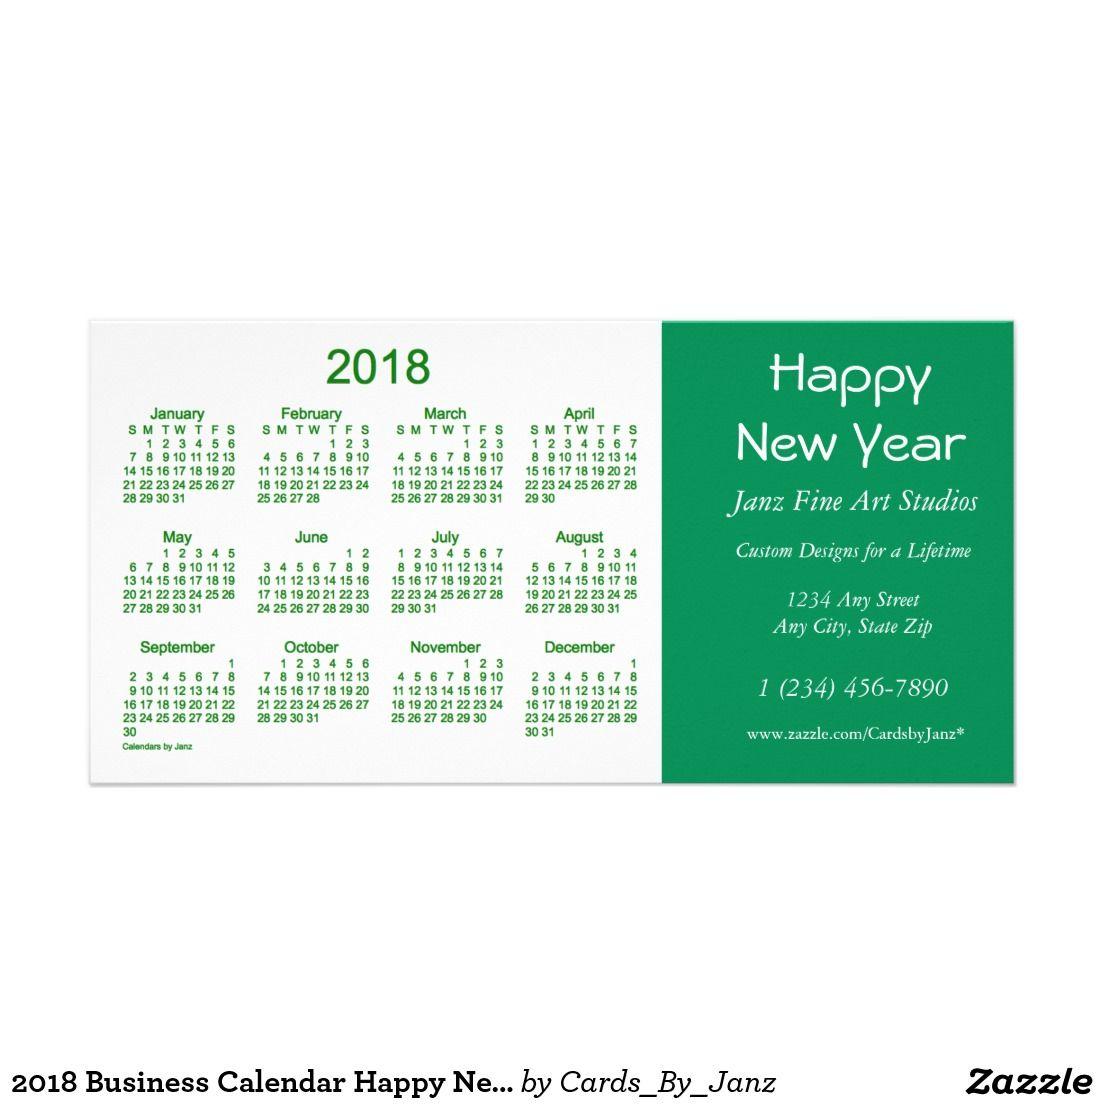 2018 business calendar happy new year card av best deals 2018 business calendar happy new year card colourmoves Images